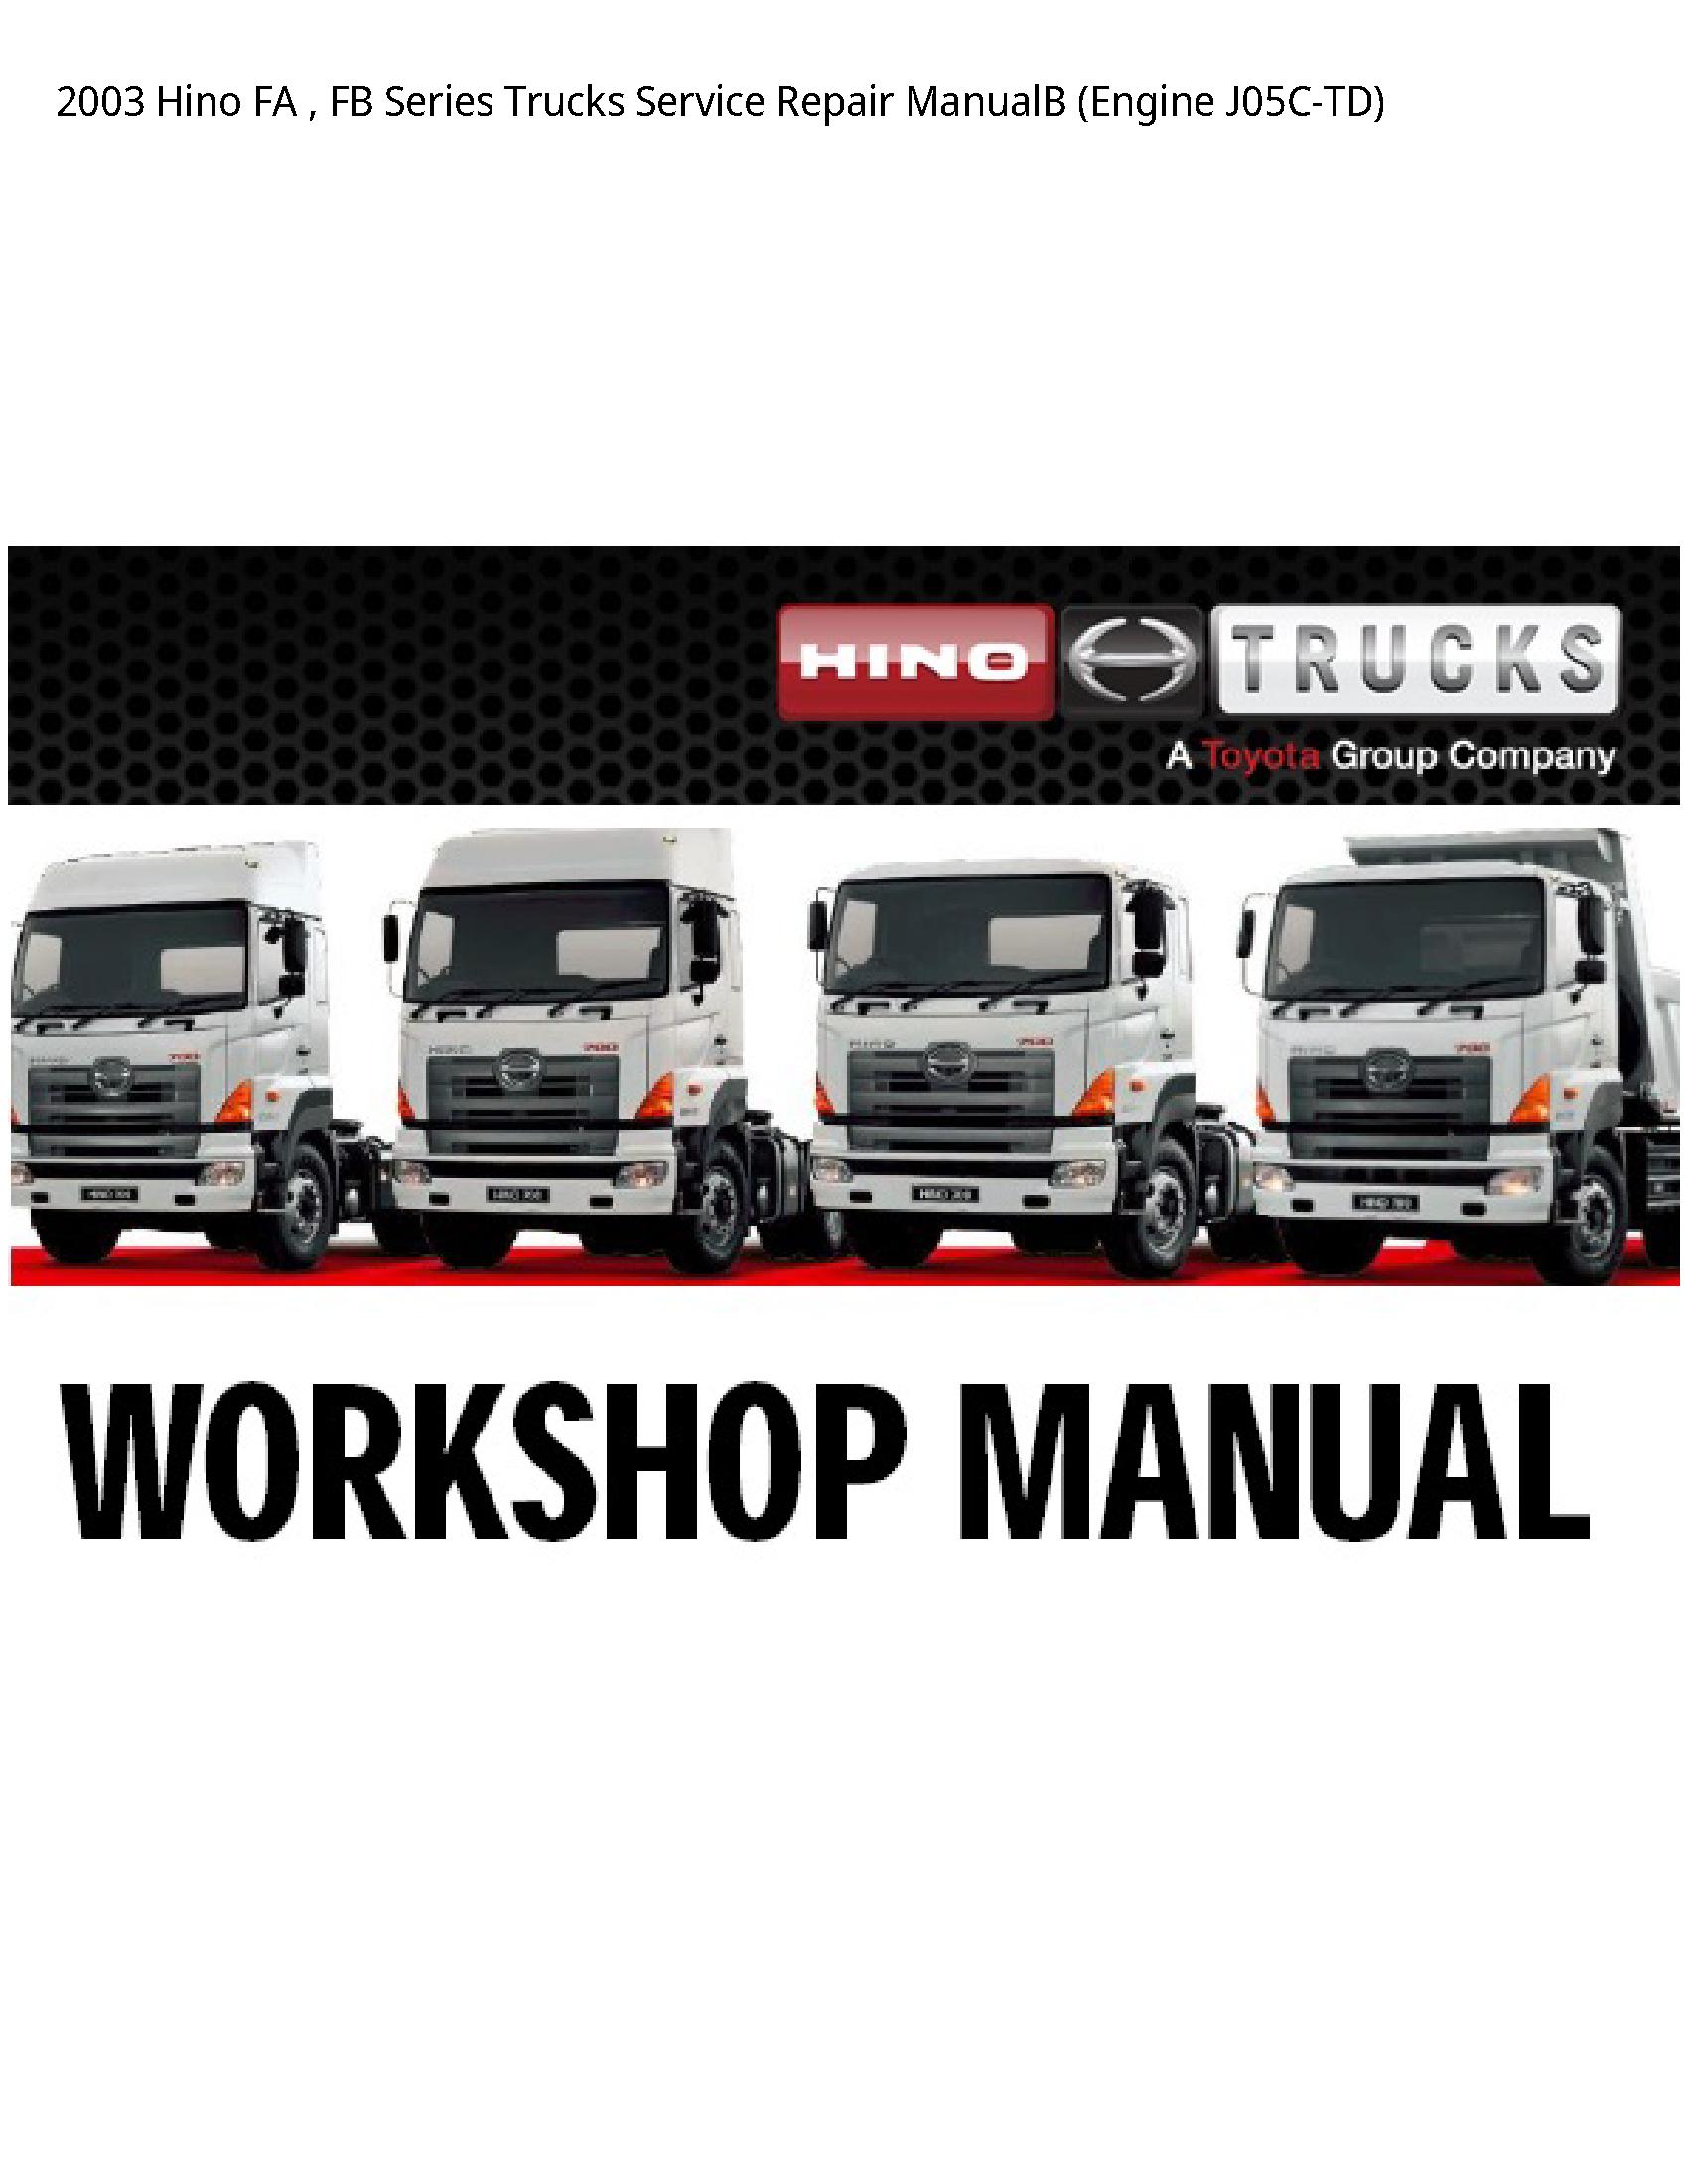 Hino FA FB Series Trucks manual